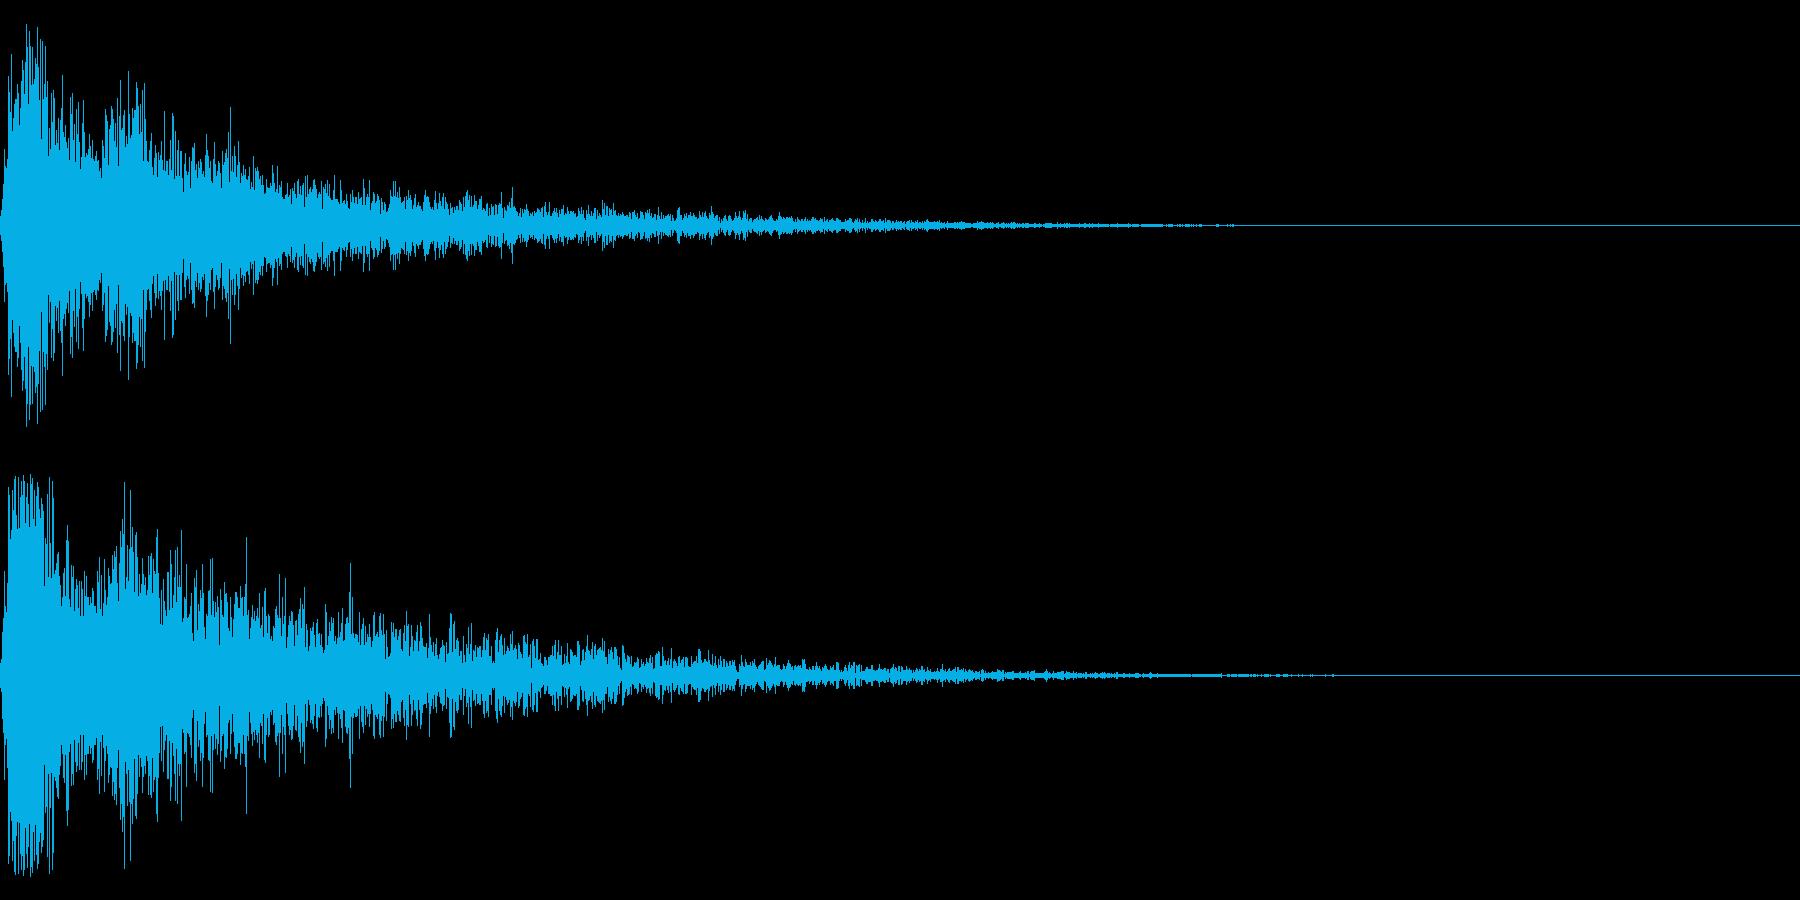 ドーン-55-2(インパクト音)の再生済みの波形